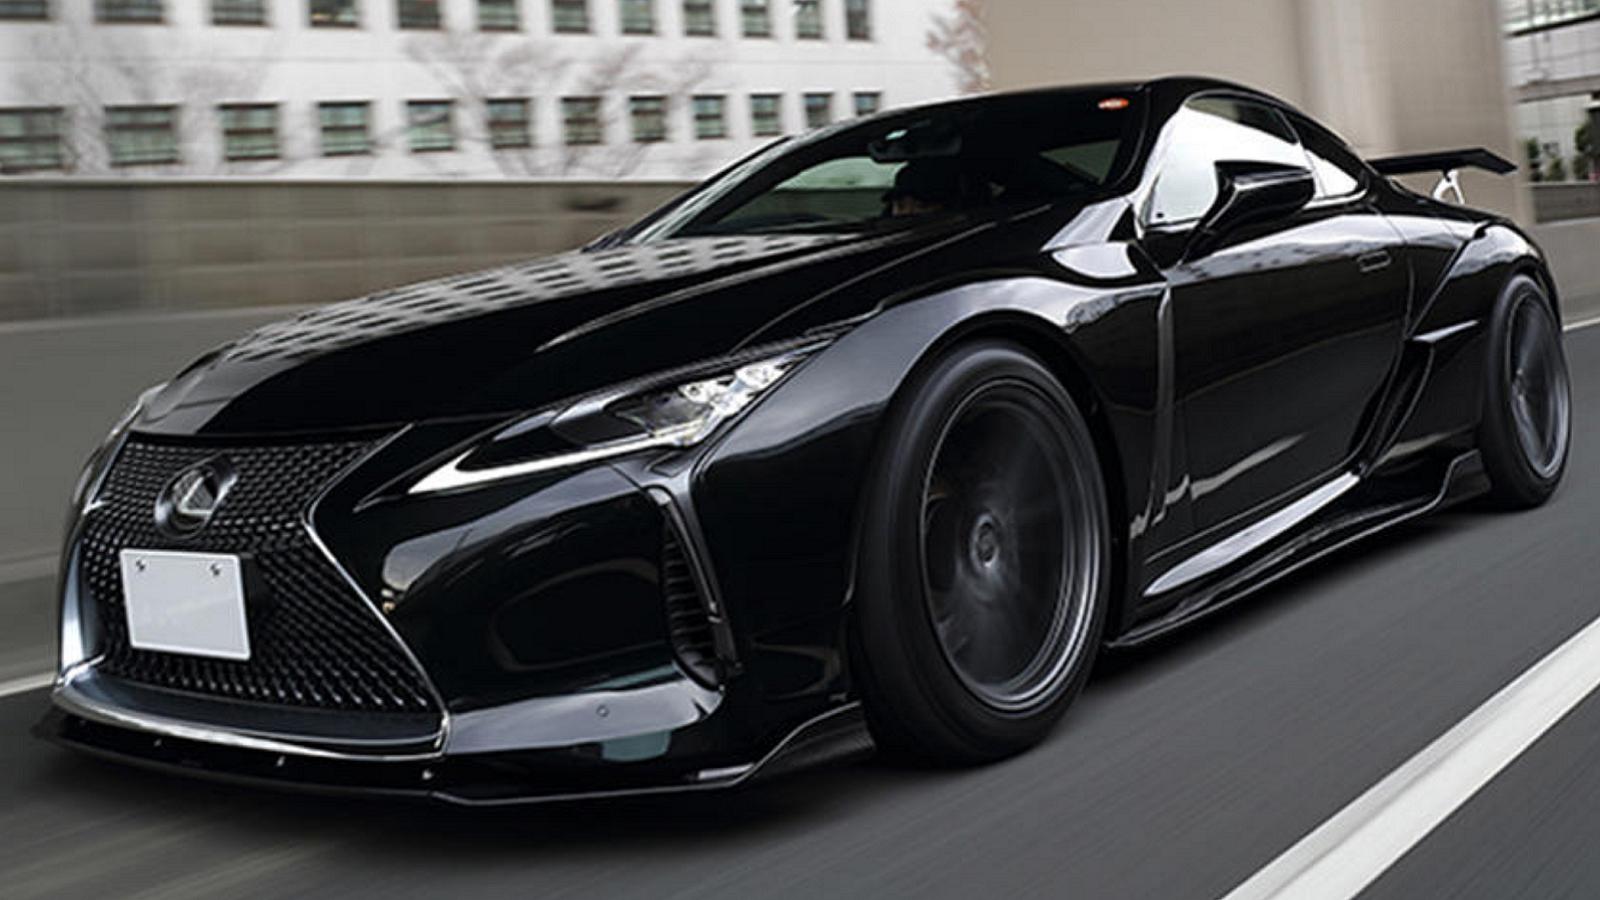 Artisan Spirit's Widebody Kit Makes Hot Lexus LC Even Hotter